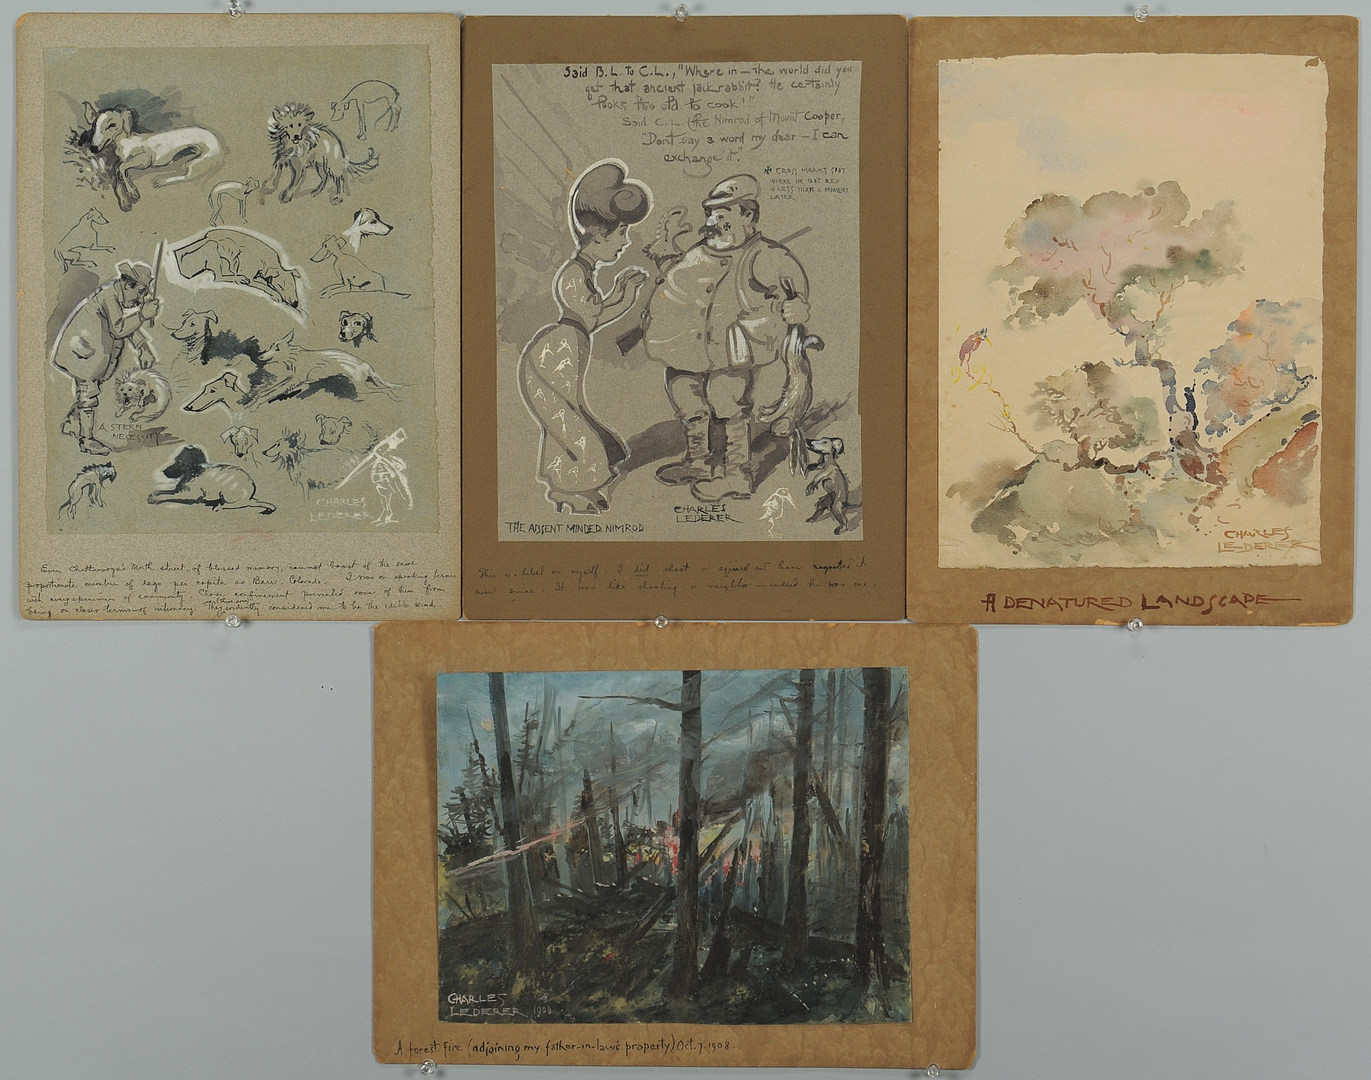 Lot 340: Lot of 4 Charles Lederer Art Items